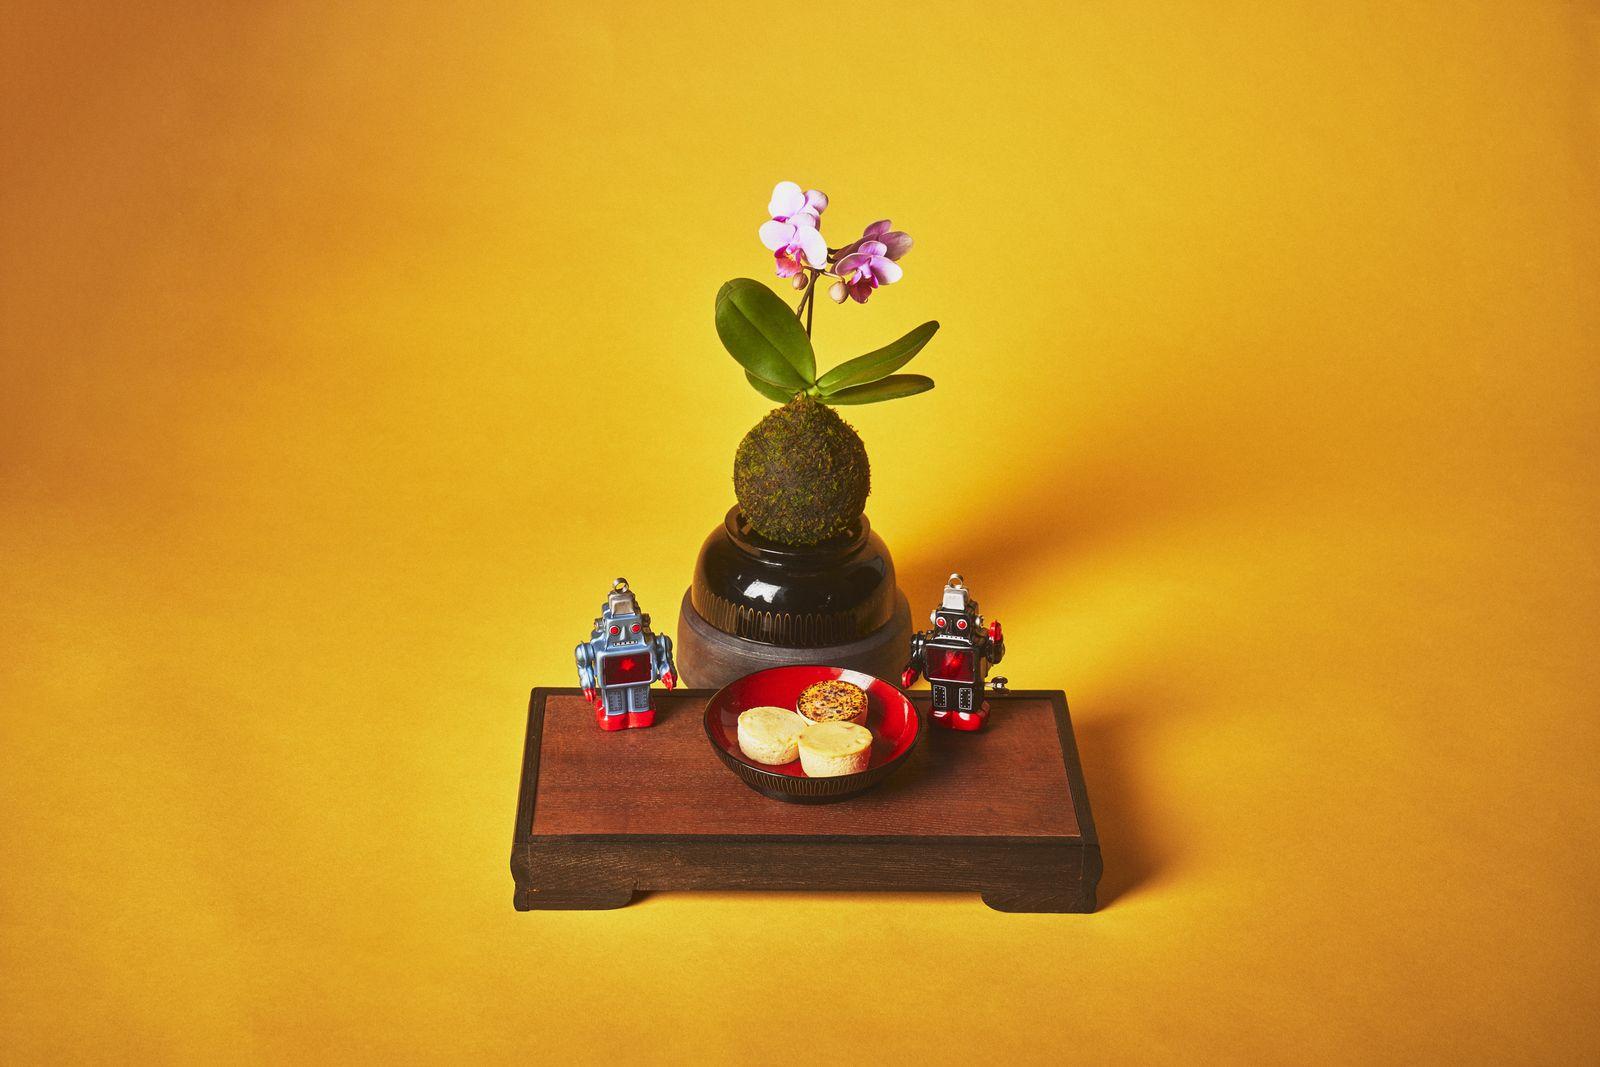 御献上ひとくちチーズケーキ 柑橘 3種3個入(プレーン、ゆず、オレンジ)